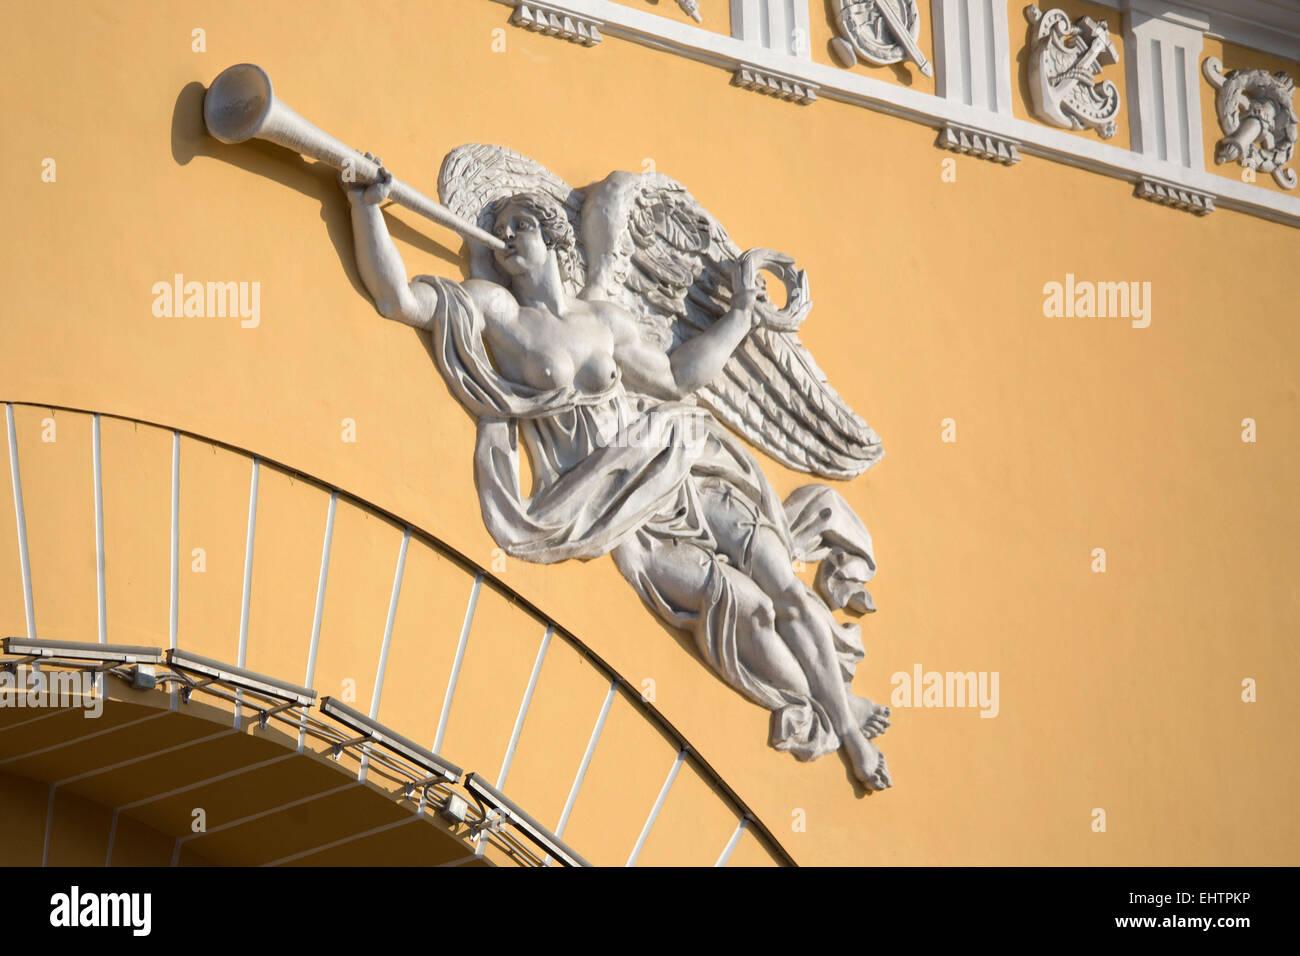 ILLUSTRATION DE LA VILLE DE SAINT PETERSBURG, Russie Banque D'Images